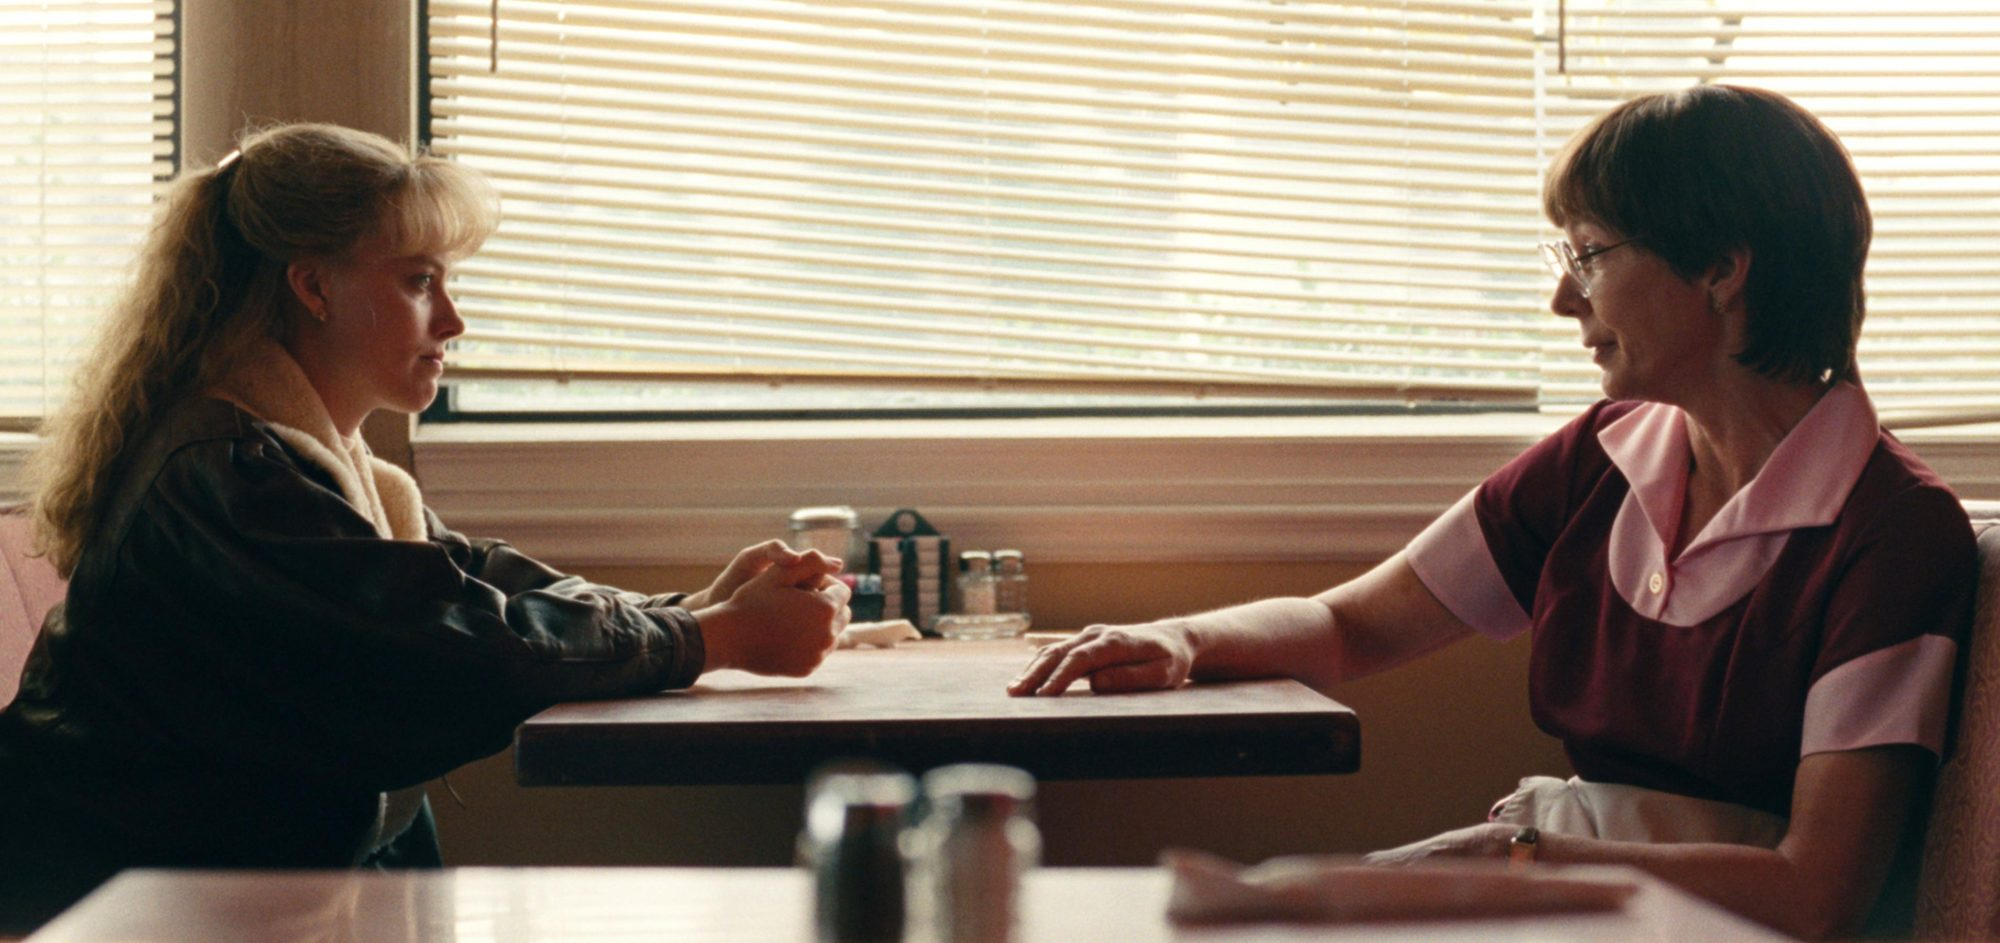 I TonyaPictured: Margot Robbie as Tonya Harding and Allison Janney as